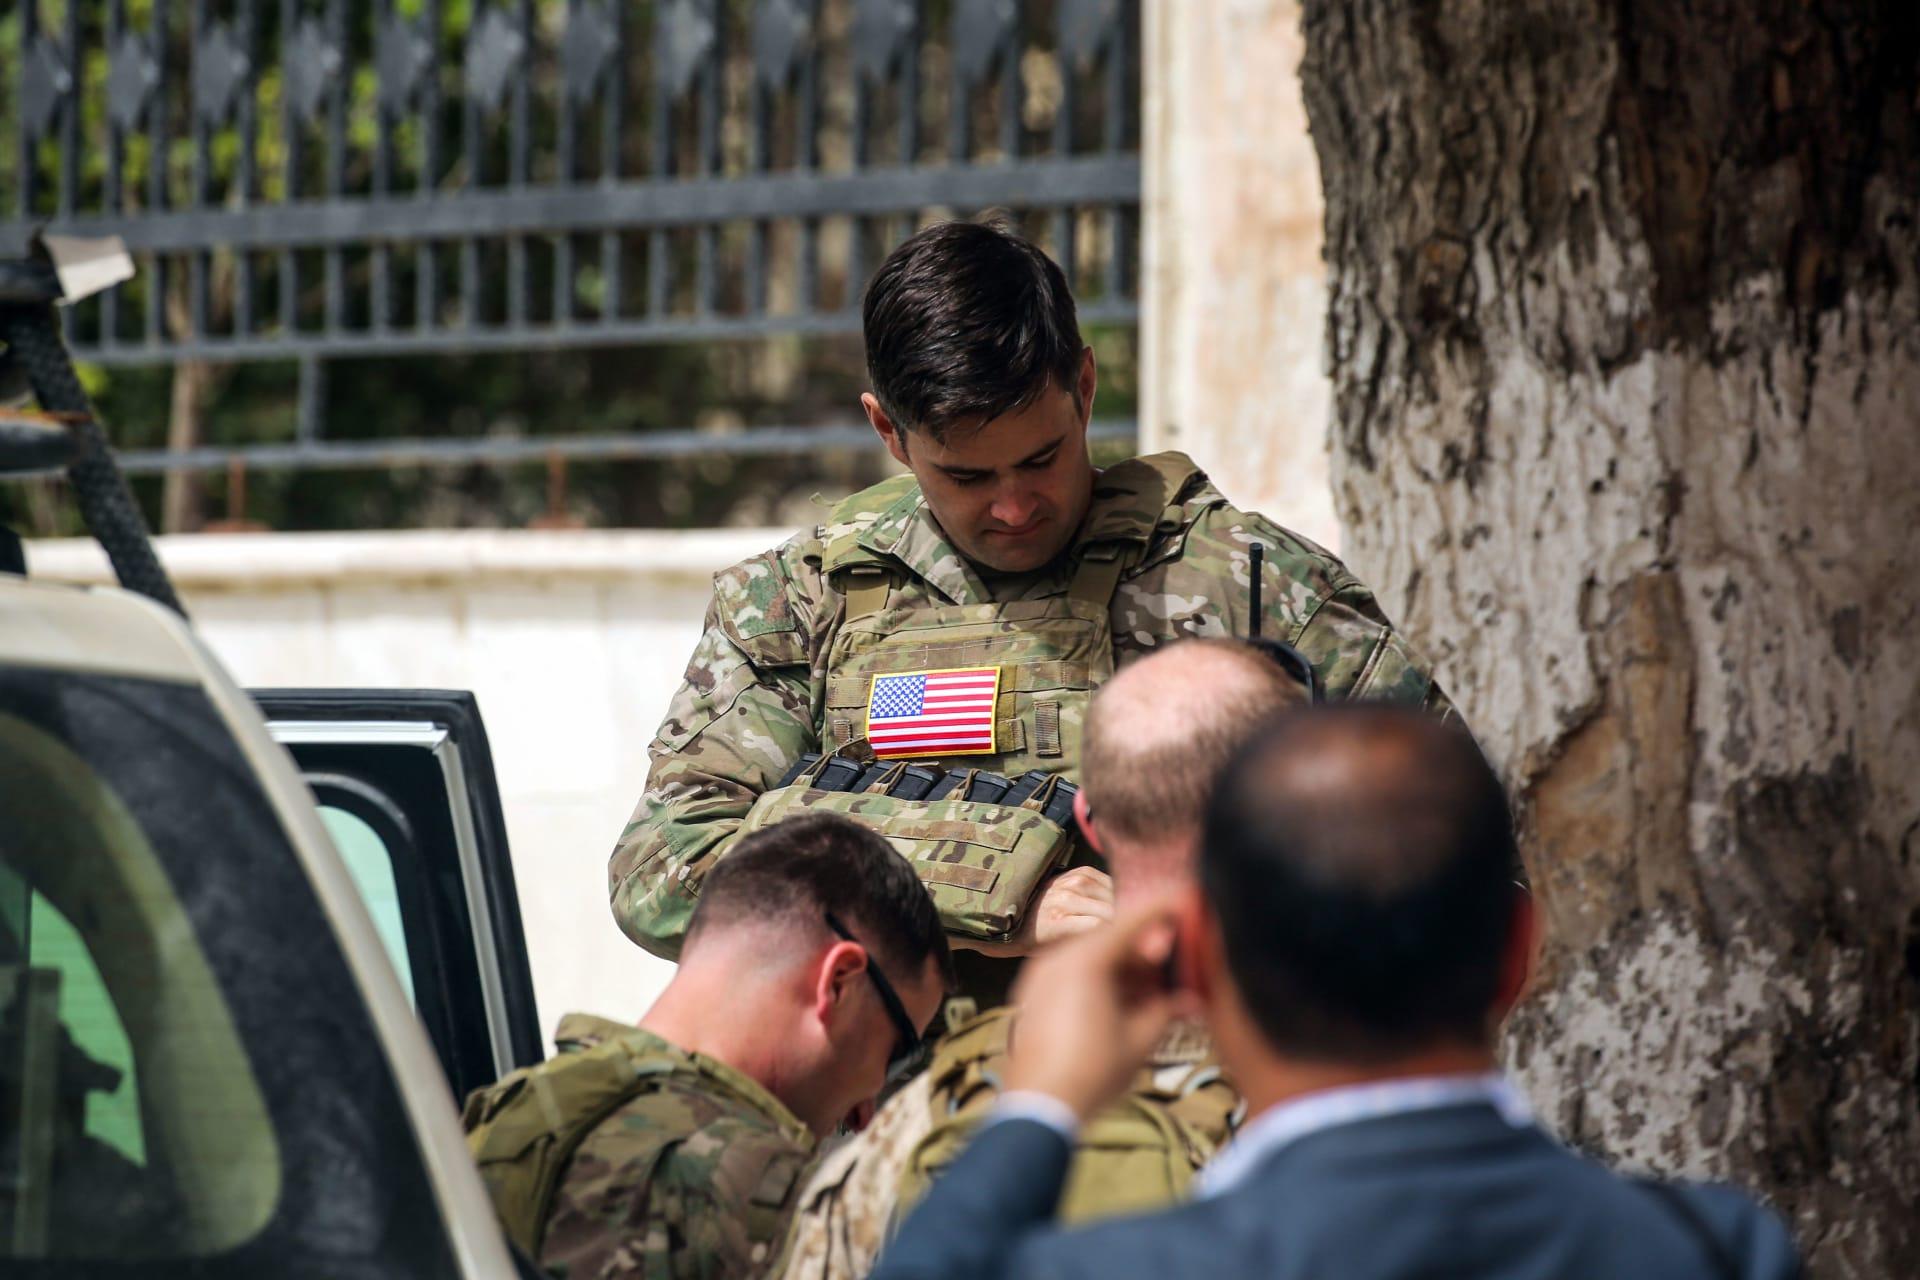 مصادر: الجيش الأمريكي يخطط لإرسال المزيد من القوات إلى سوريا